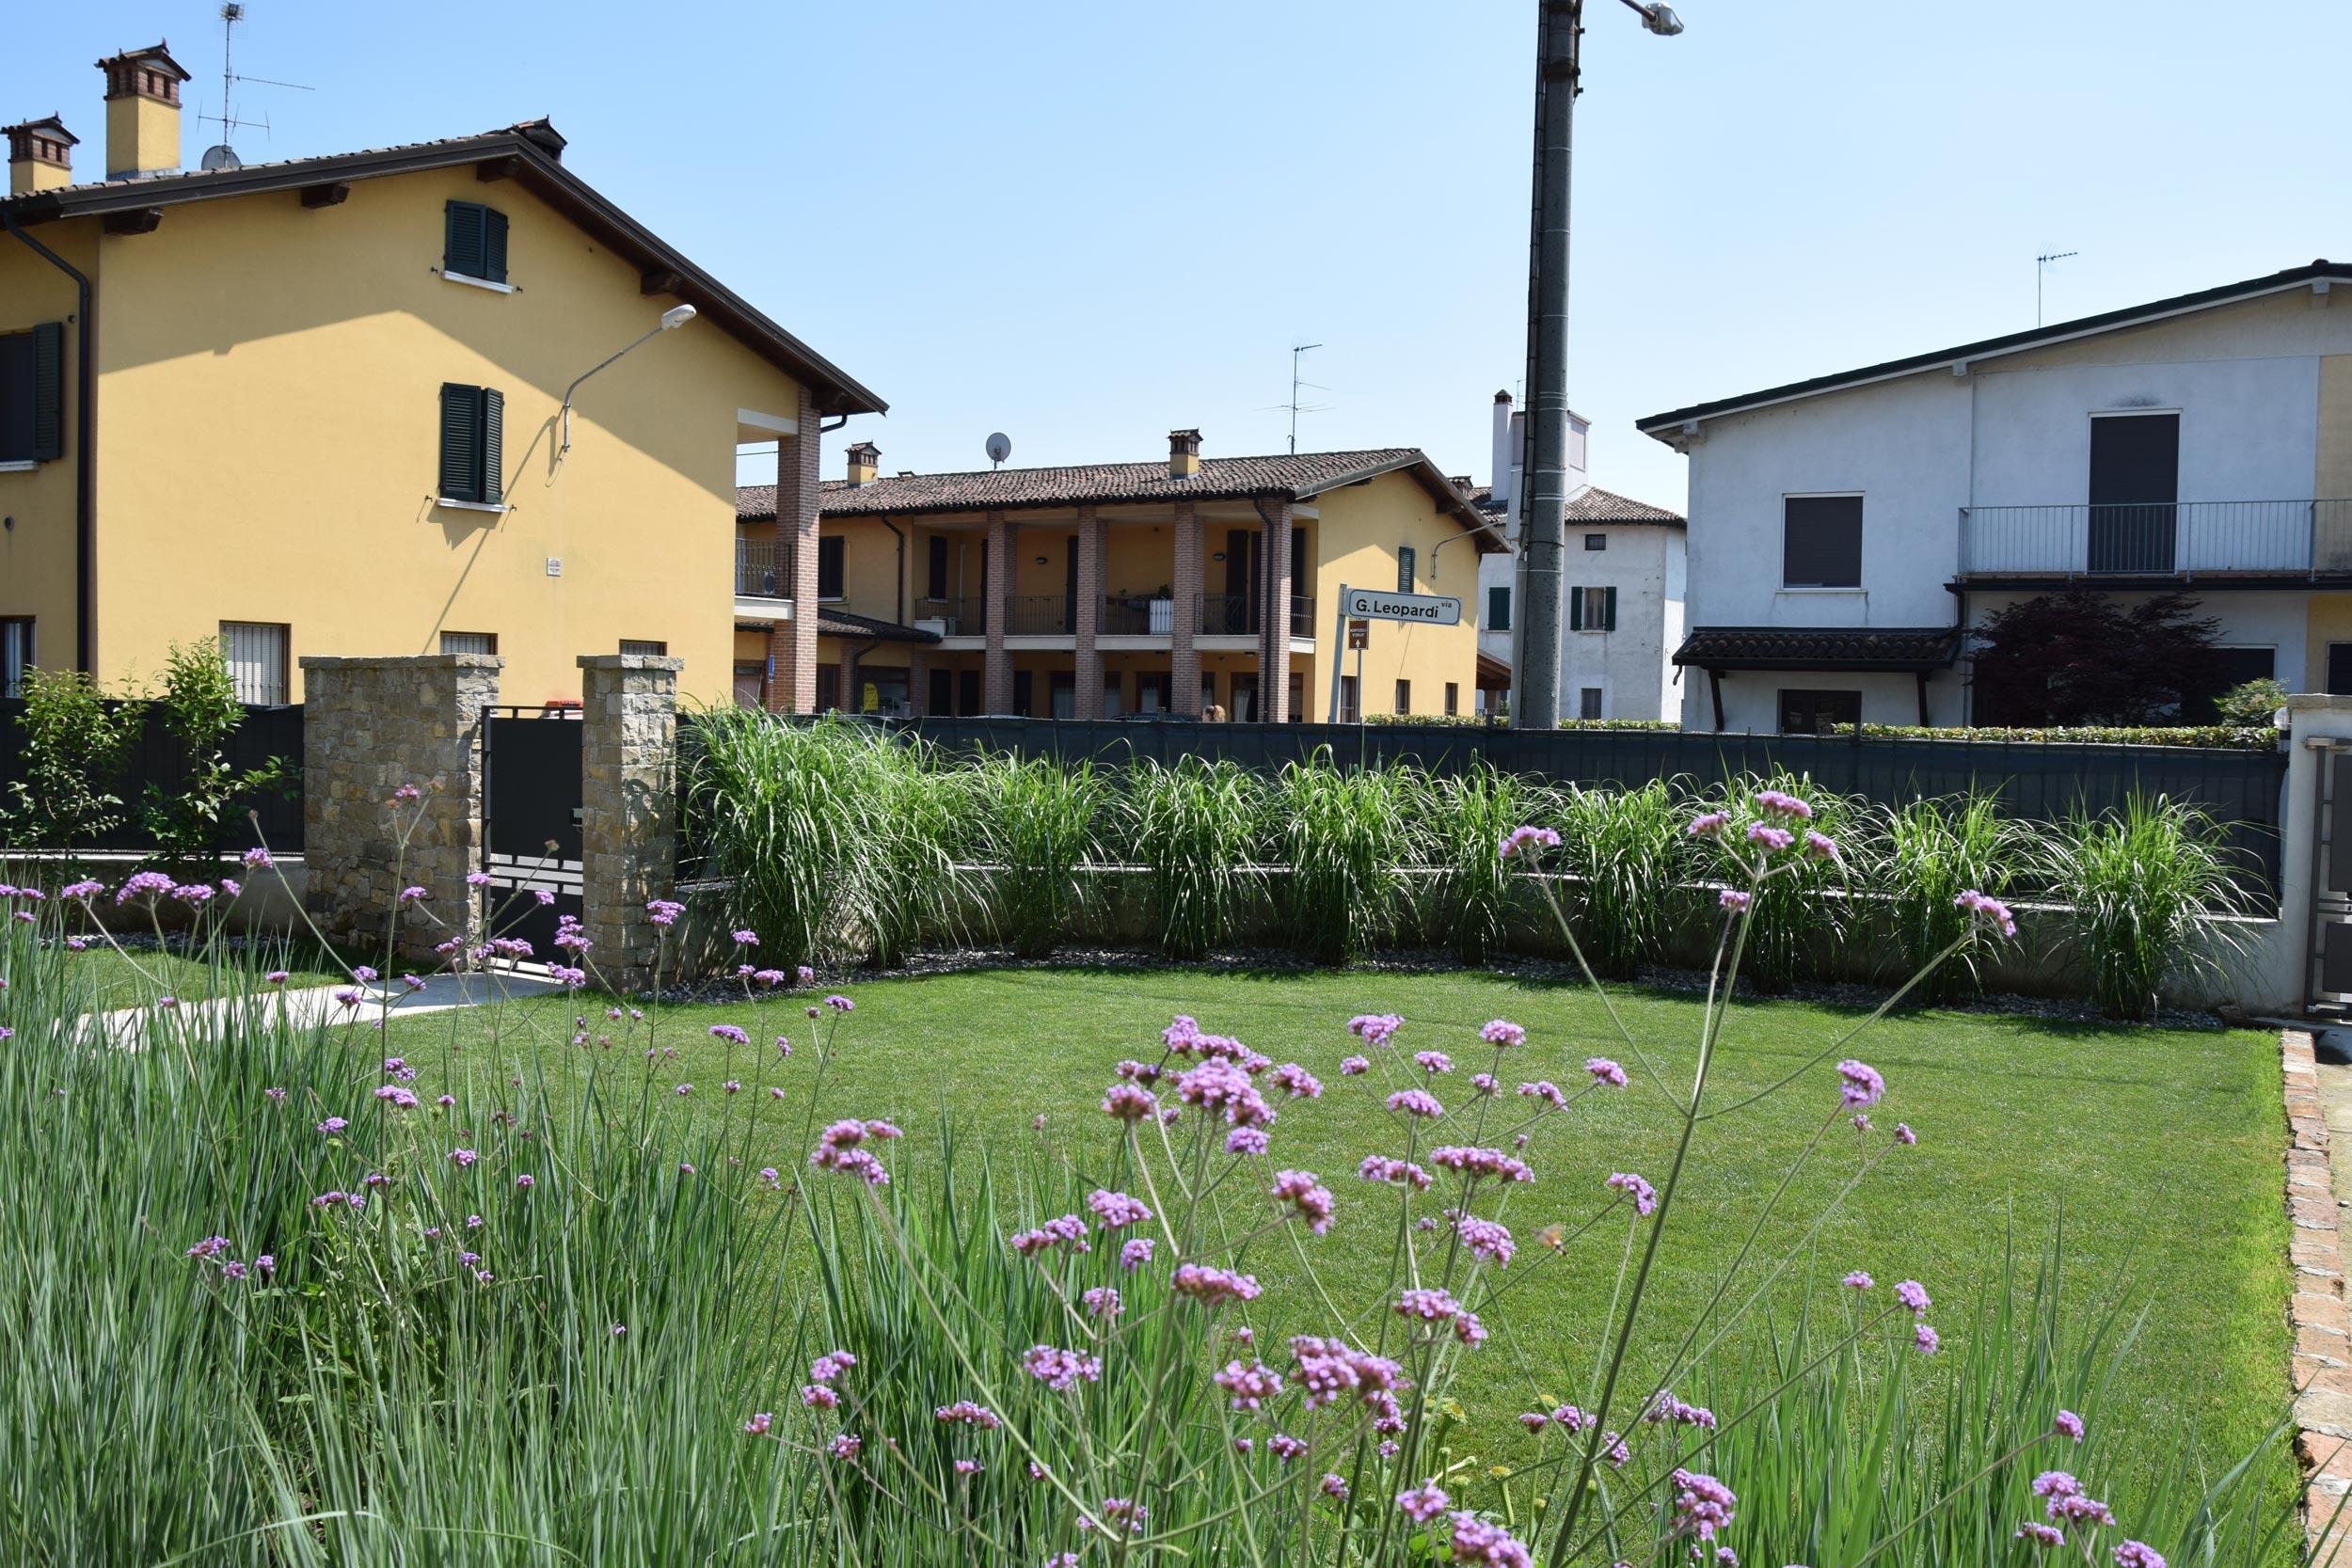 Giardino casa privata verolanuova bs progettazione giardini agronomo paesaggista brescia - Progettazione esterni casa ...